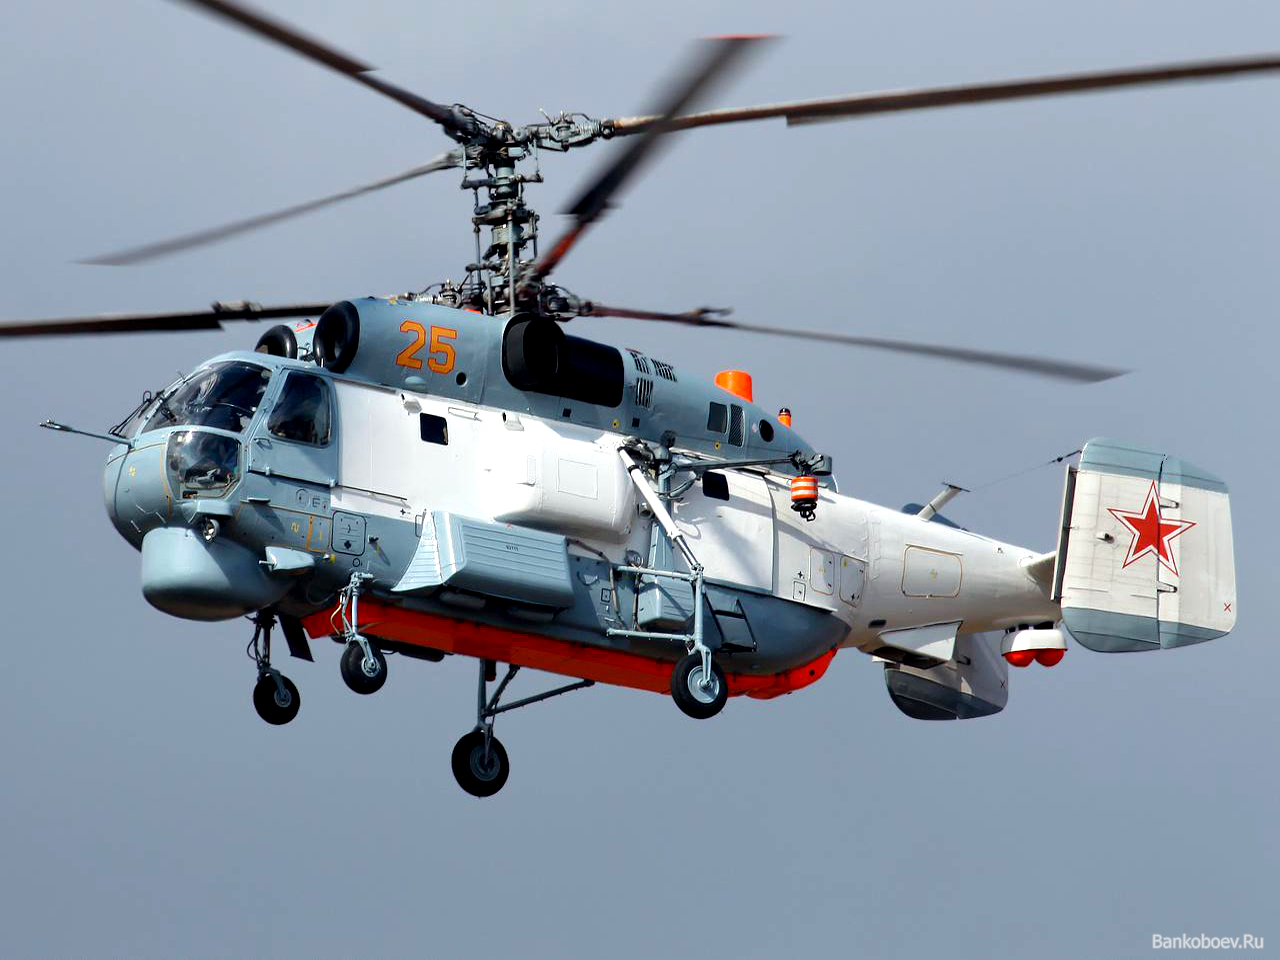 Ка 27, вертолет, фото, обои для рабочего стола, скачать